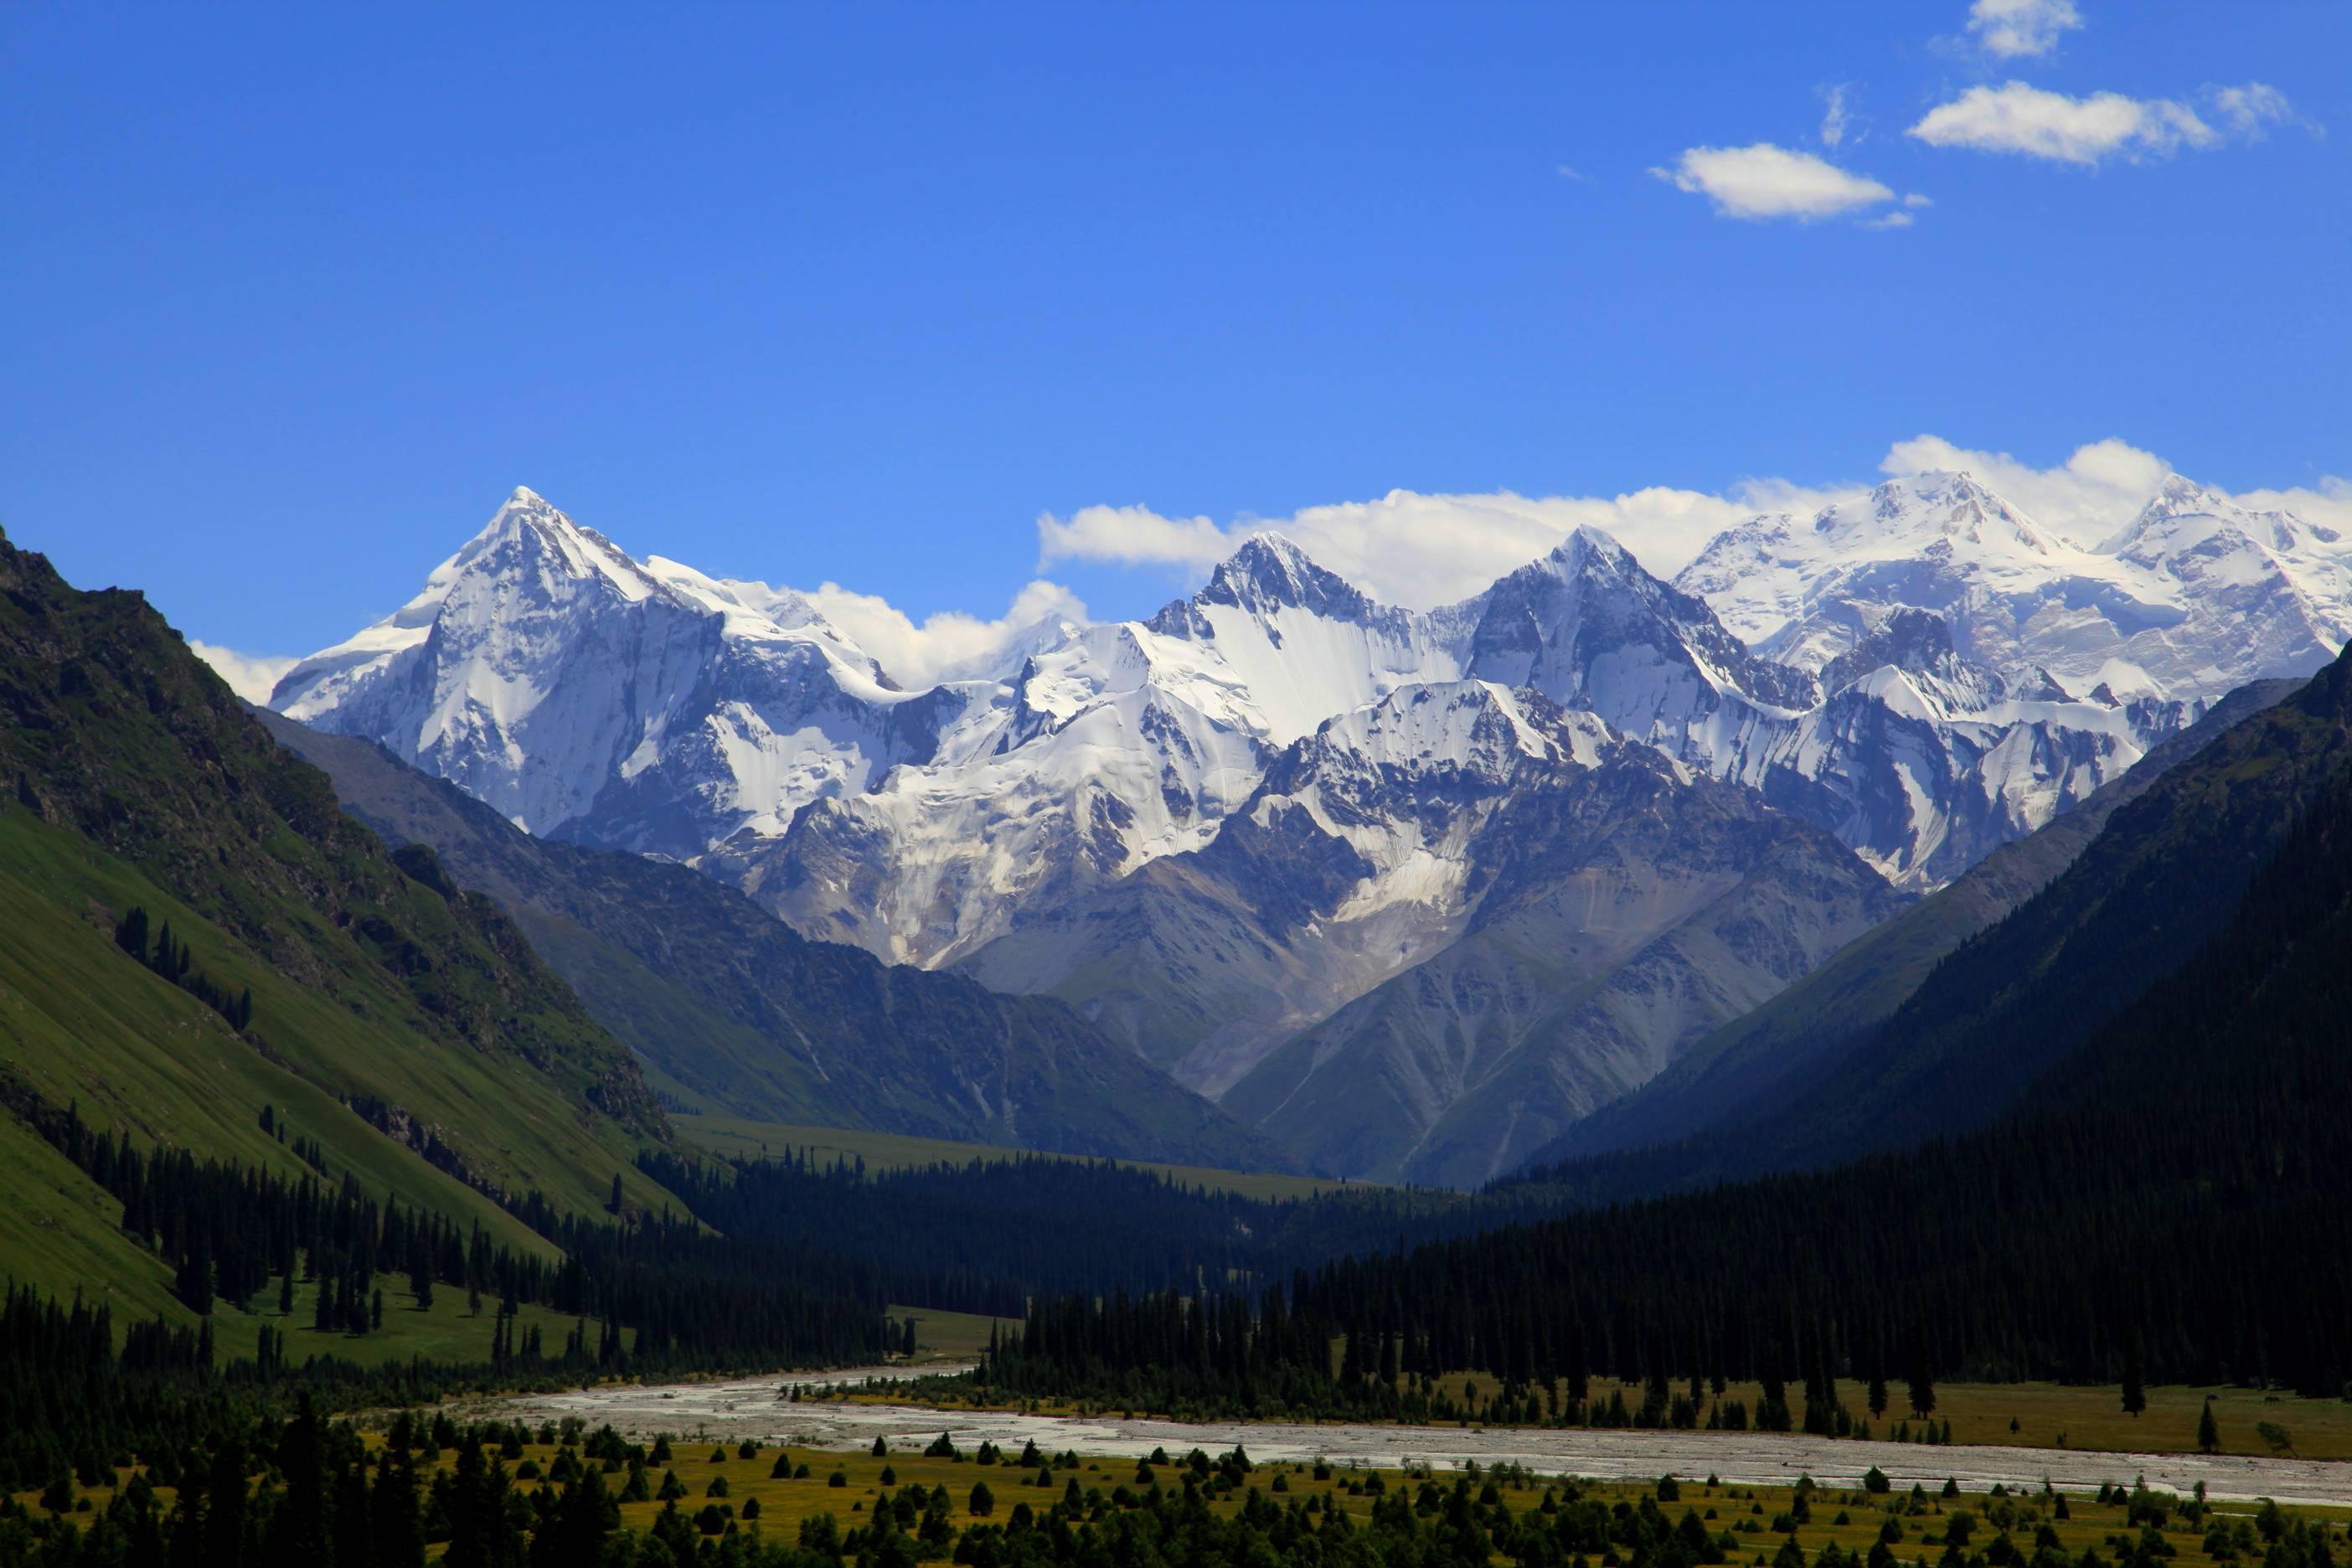 新疆行4-------《夏塔古道雪山风景》